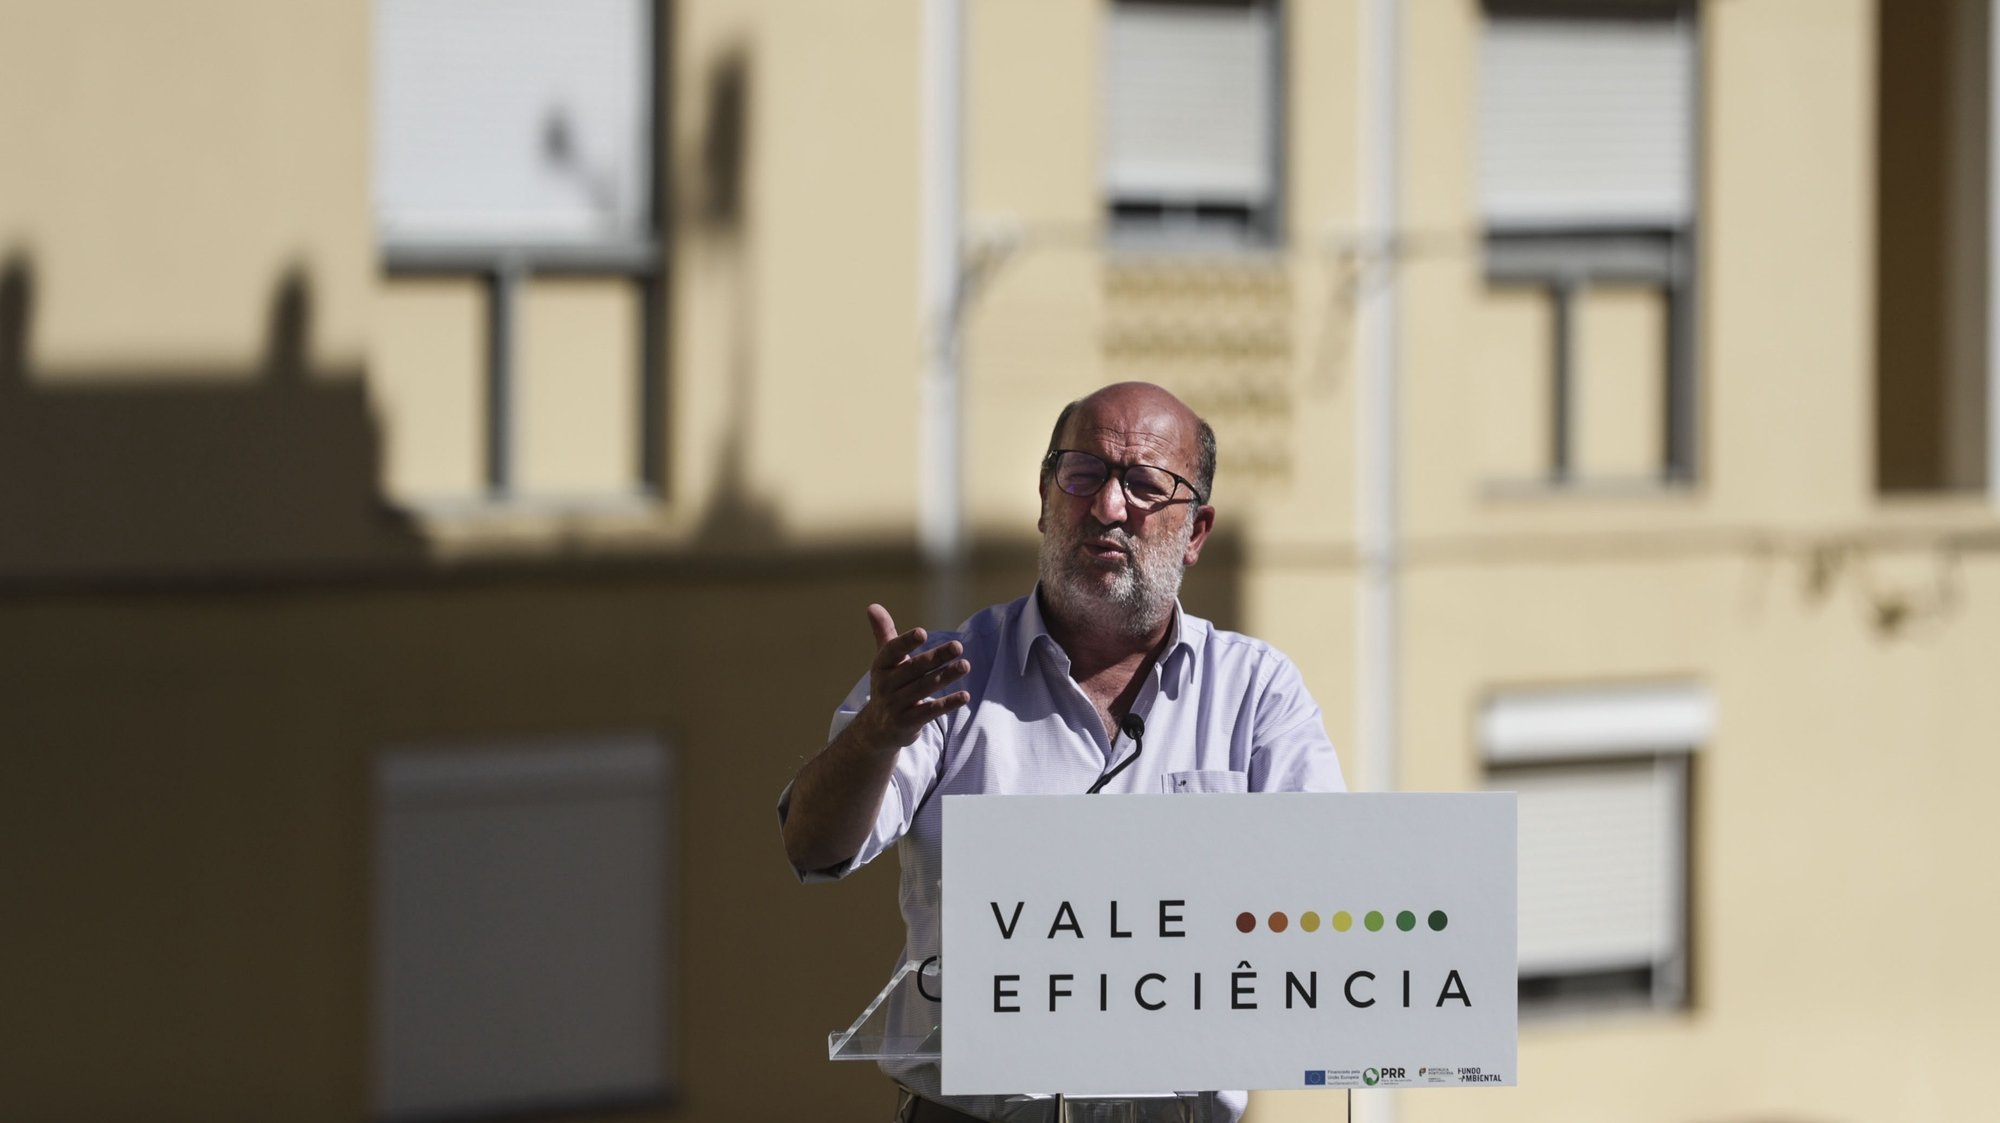 """O ministro do Ambiente e da Ação Climática, João Pedro Matos Fernandes, presidiu à sessão de apresentação do programa """"Vales de Eficiência Energética"""". O programa, integrado no Plano de Recuperação e Resiliência, enquadra-se num conjunto de medidas que visam combater a pobreza energética com apoio a famílias economicamente vulneráveis até 2025, no Bairro Fonsecas e Calçada em Lisboa, 31 de agosto de 2021. TIAGO PETINGA/LUSA"""